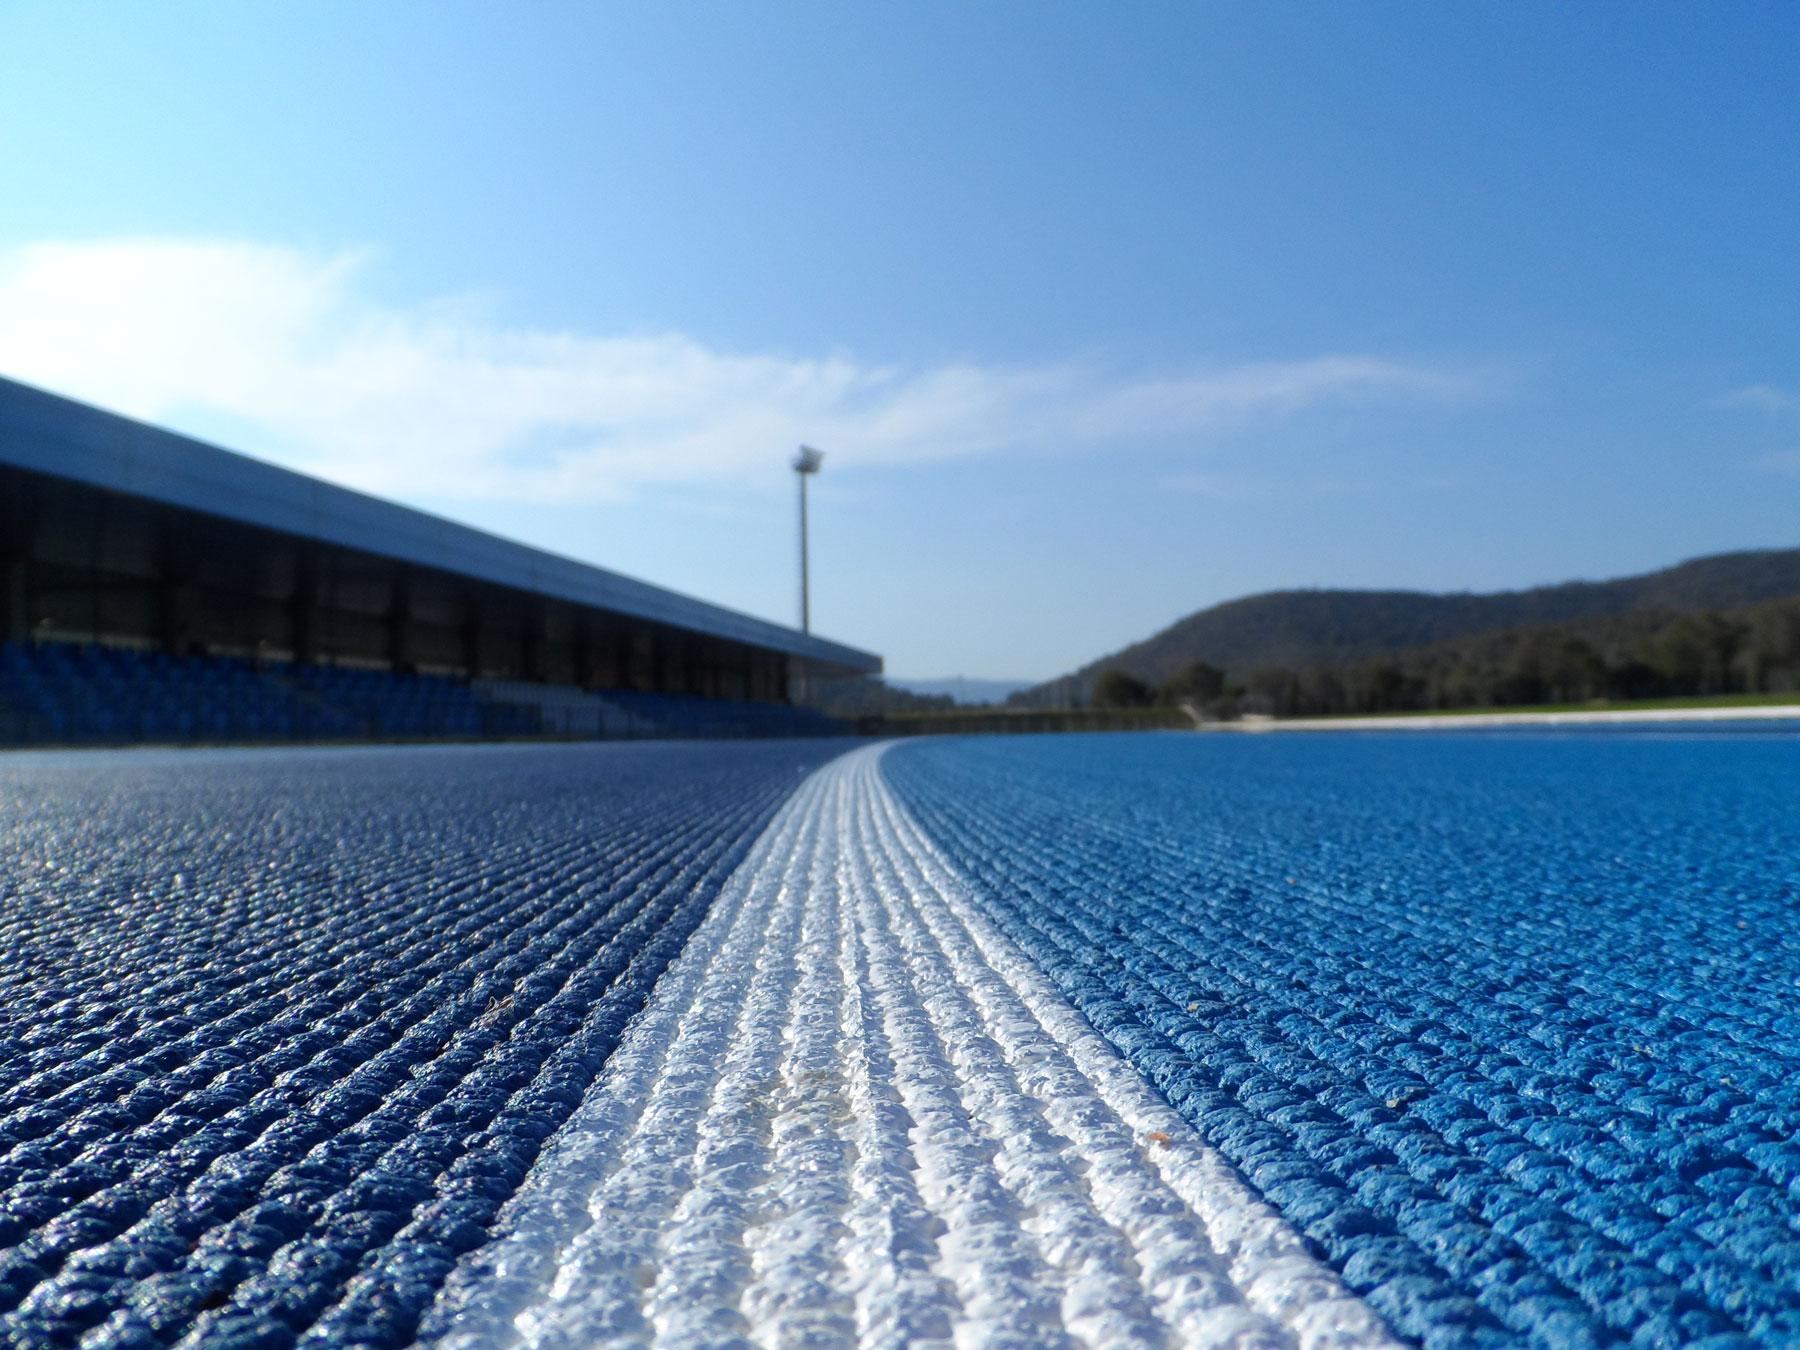 Pista Atletismo Calvia, Calvia,  Malagulf, Isole Baleari, Spagna